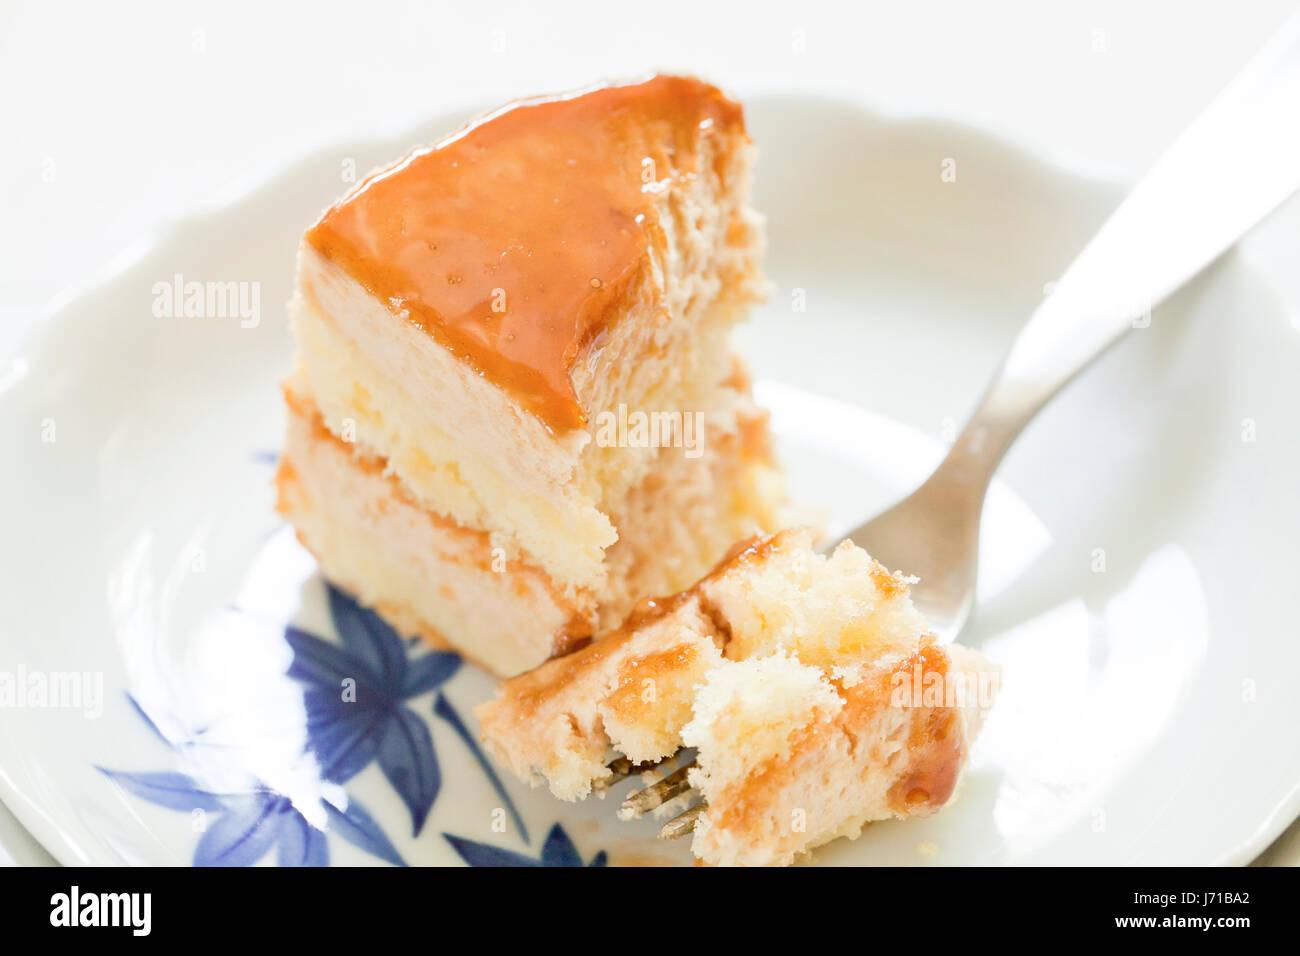 Semi-mangiato fetta di cheesecake stratificato sul piatto - USA Immagini Stock